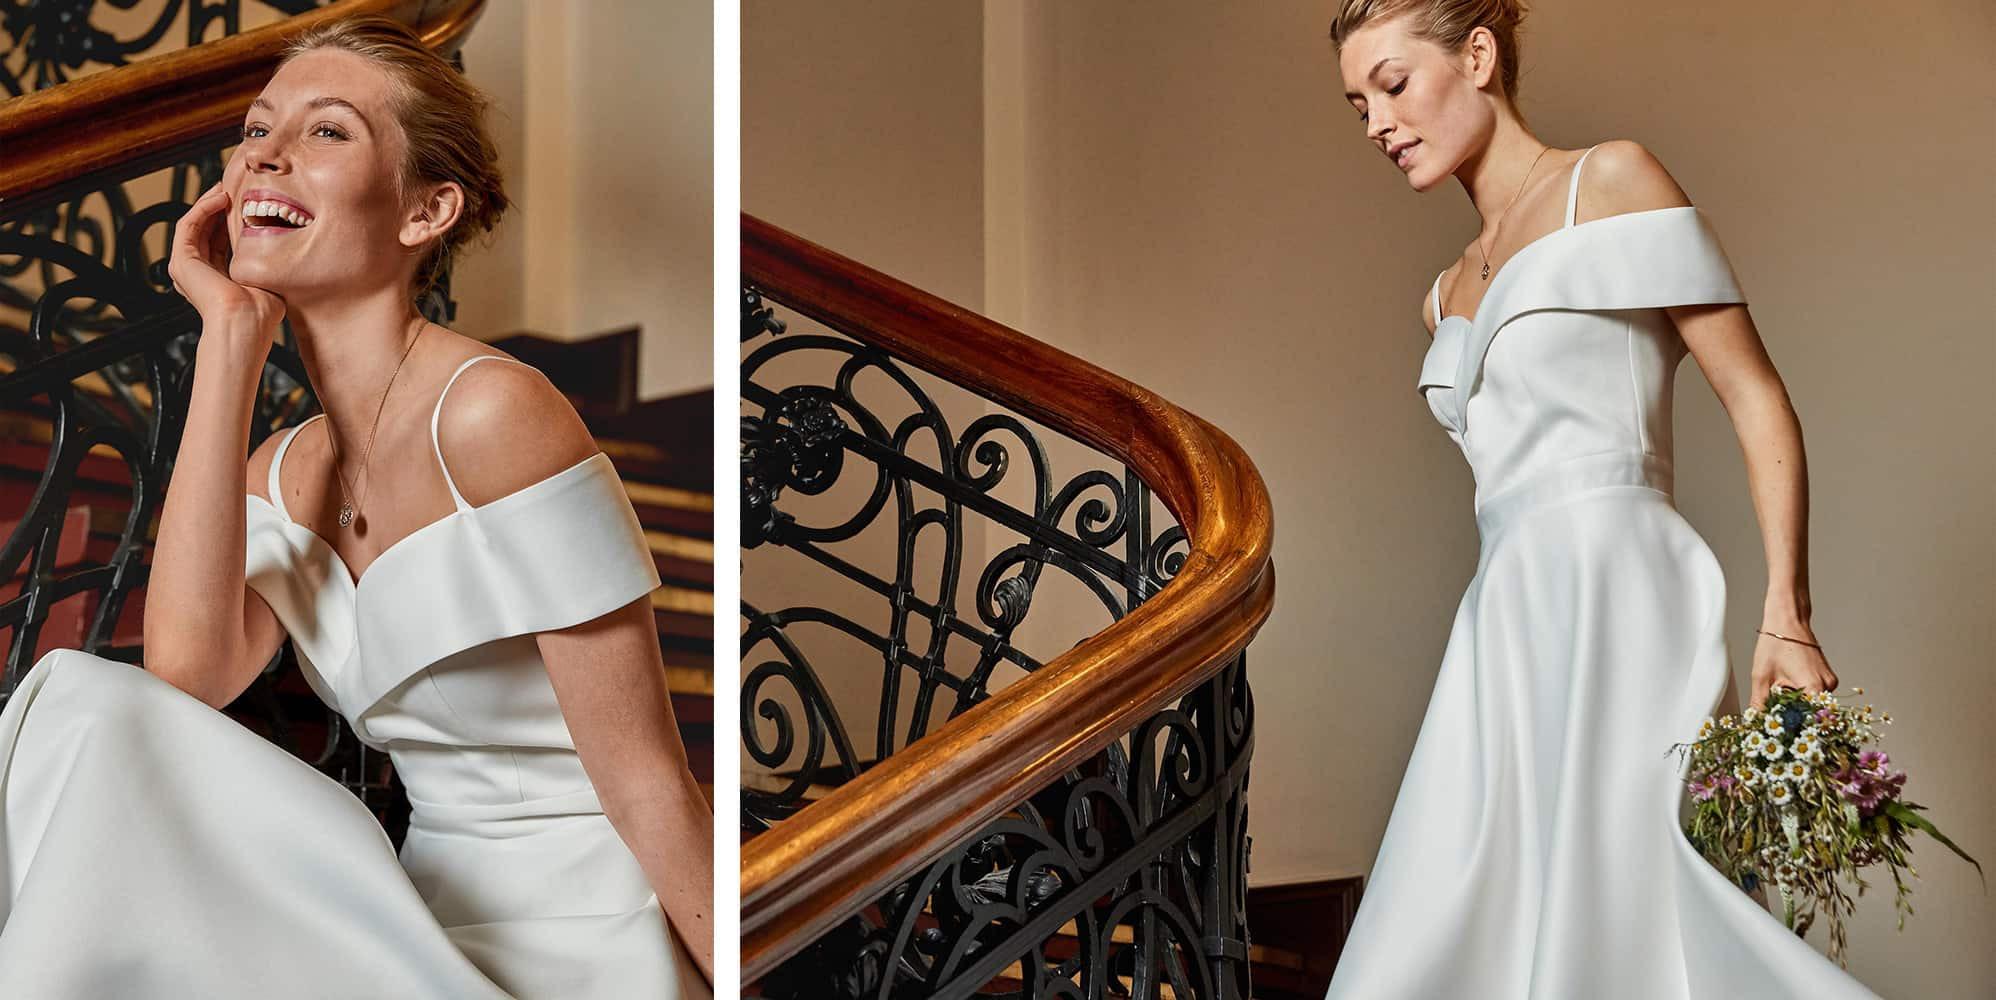 Hochzeitsmode Damen & Herren 15 ▷ P&c Online Shop - Abendkleid